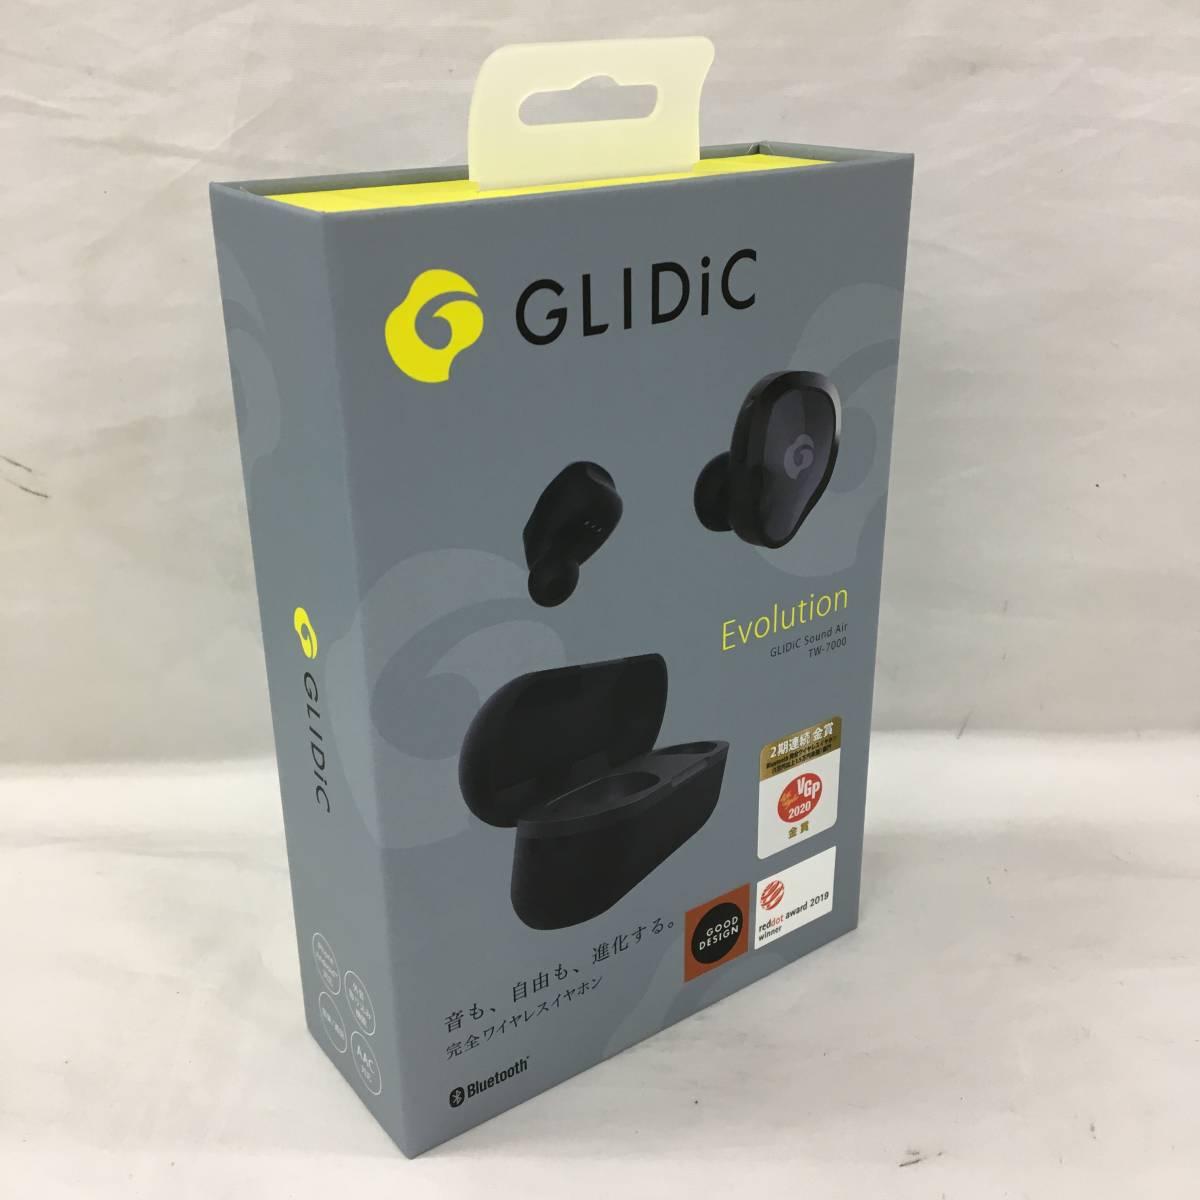 【952384】GLIDIC Sound Air TW-7000 アーバンブラック 完全ワイヤレスイヤホン Bluetooth